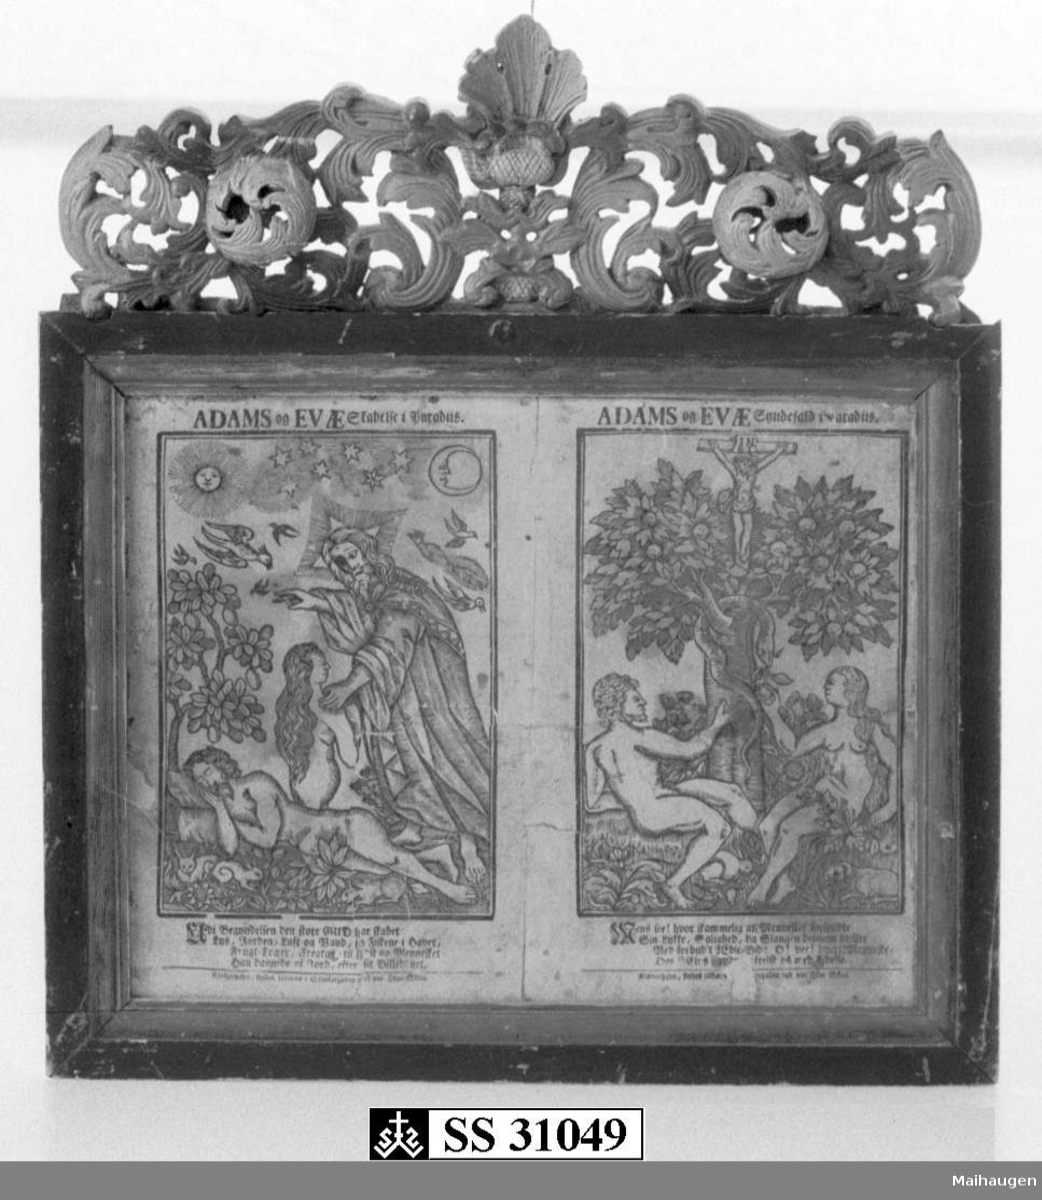 Fotostatkopi med motiv av Adam og Evas skapelse i Paradiset og syndefallet. Det originale trykket er magasinert.